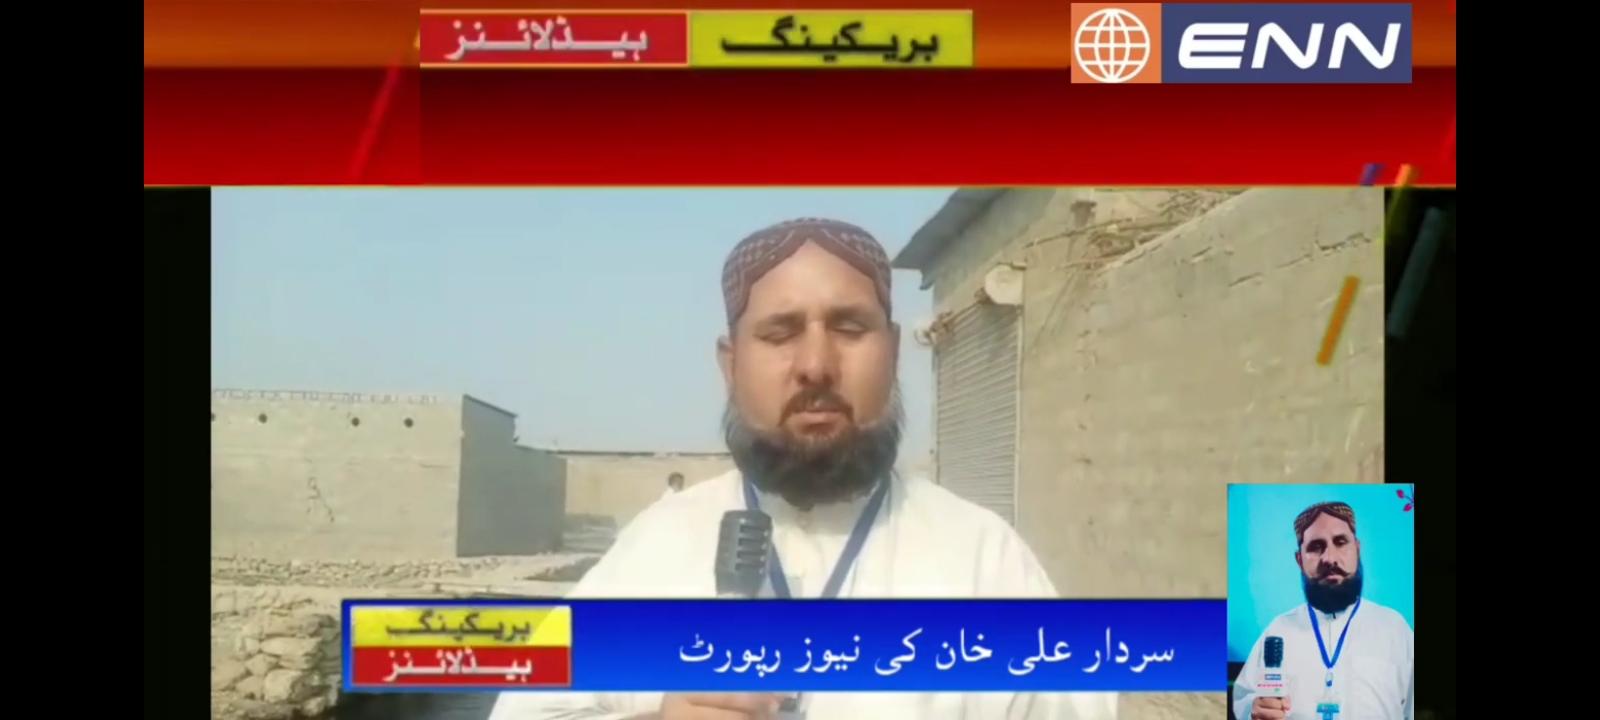 سردار علی خان کی نیوز رپورٹ